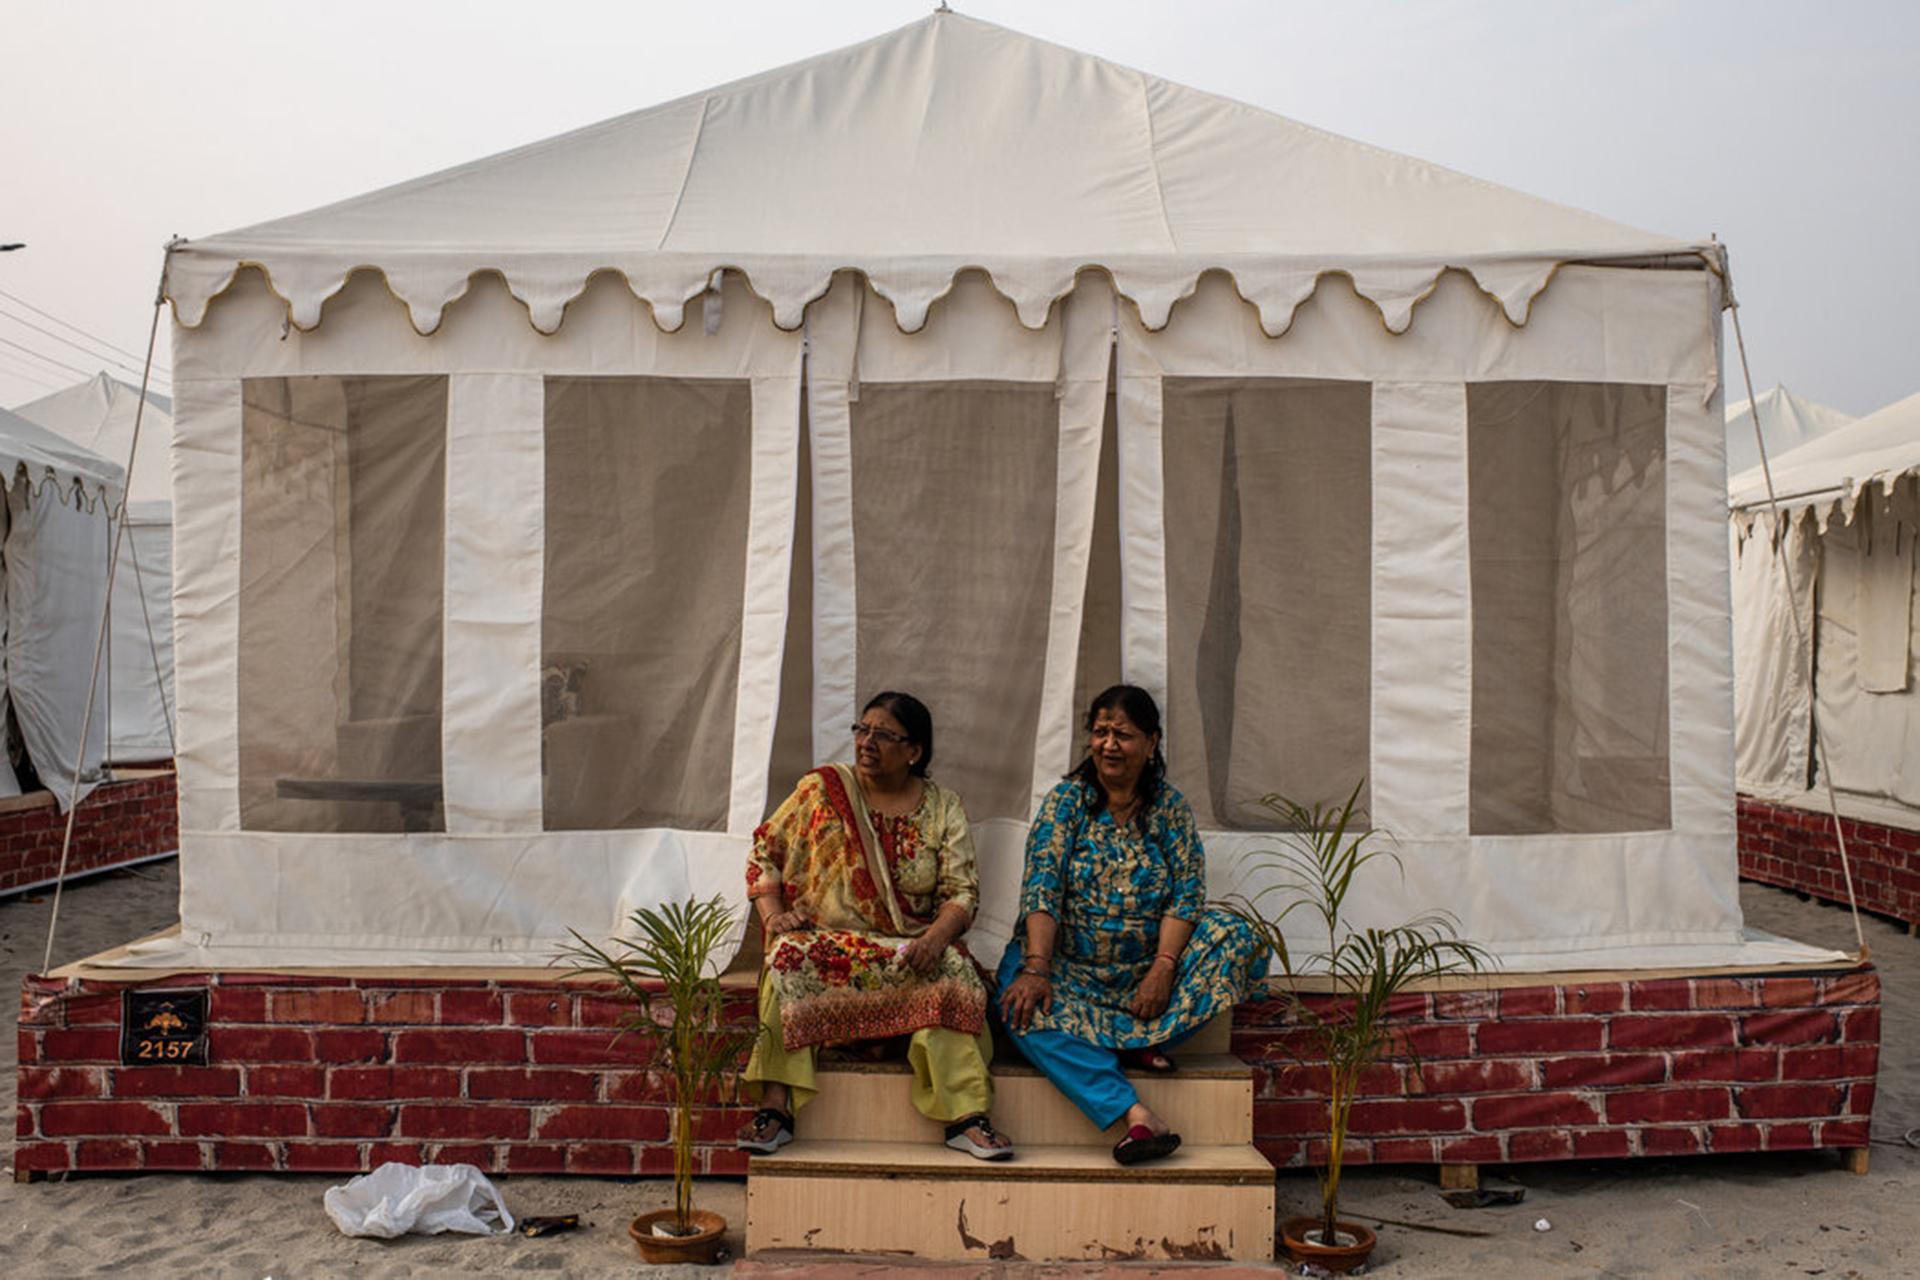 Los huéspedes del Indraprastham Tent City, un lujoso campamento. (The New York Times)